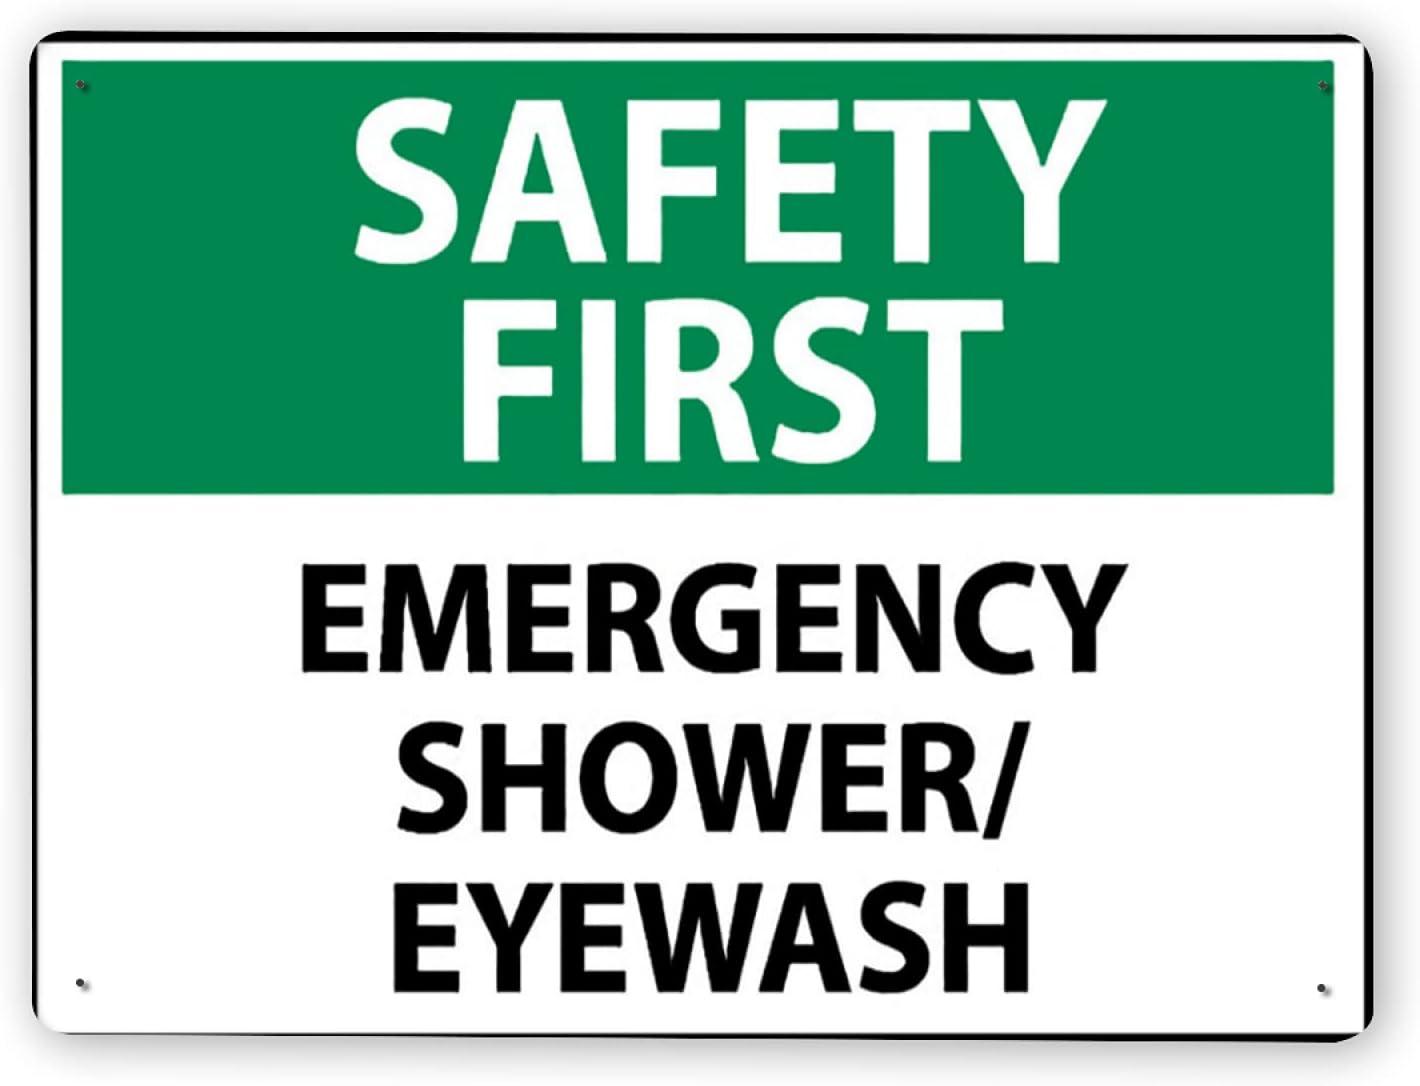 Señal de advertencia,Lavaojos de ducha de emergencia SAFETY FIRST,Señal de tráfico Señal de carretera Señal de empresa 12x16 Inch Cartel de chapa de metal de aluminio